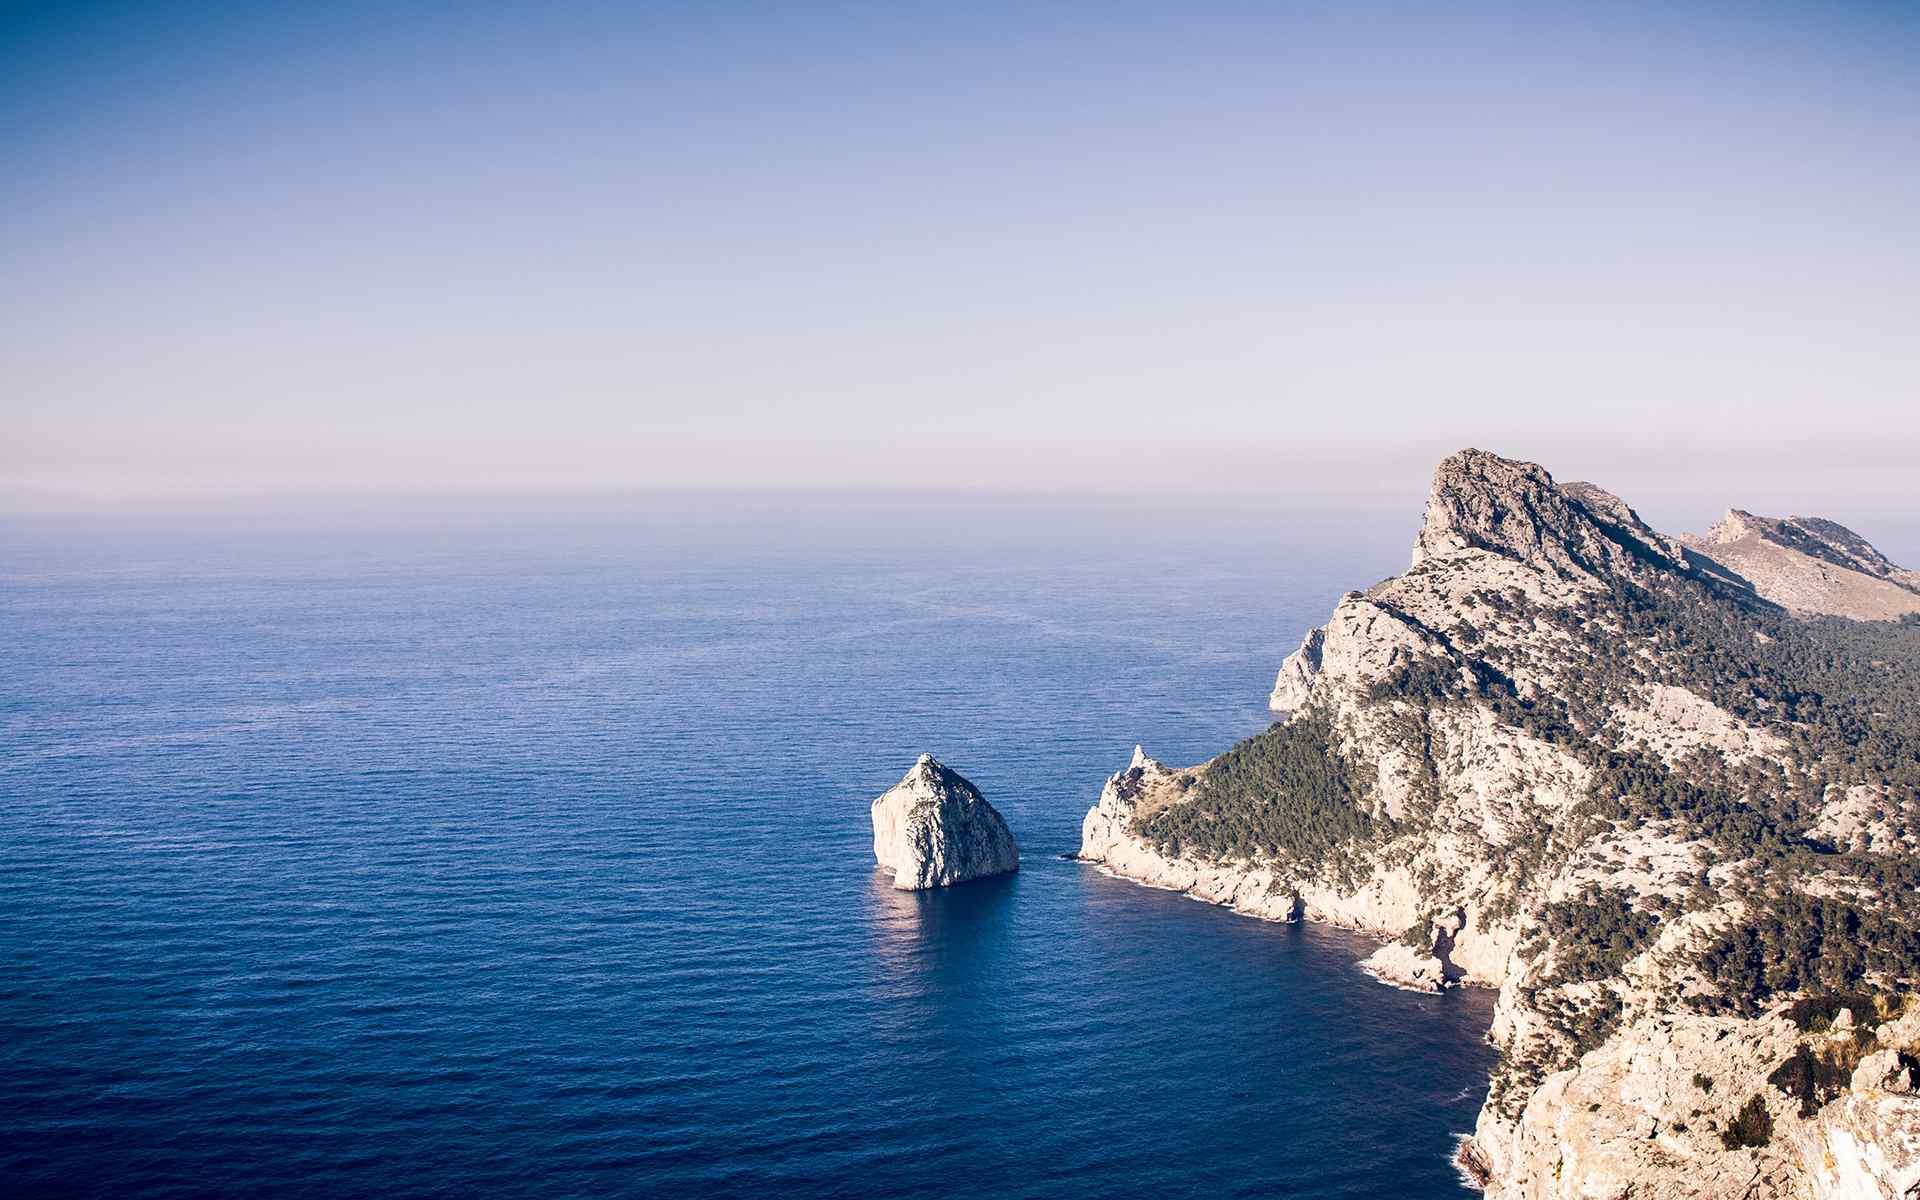 静谧的海边风景唯美图片桌面壁纸图片